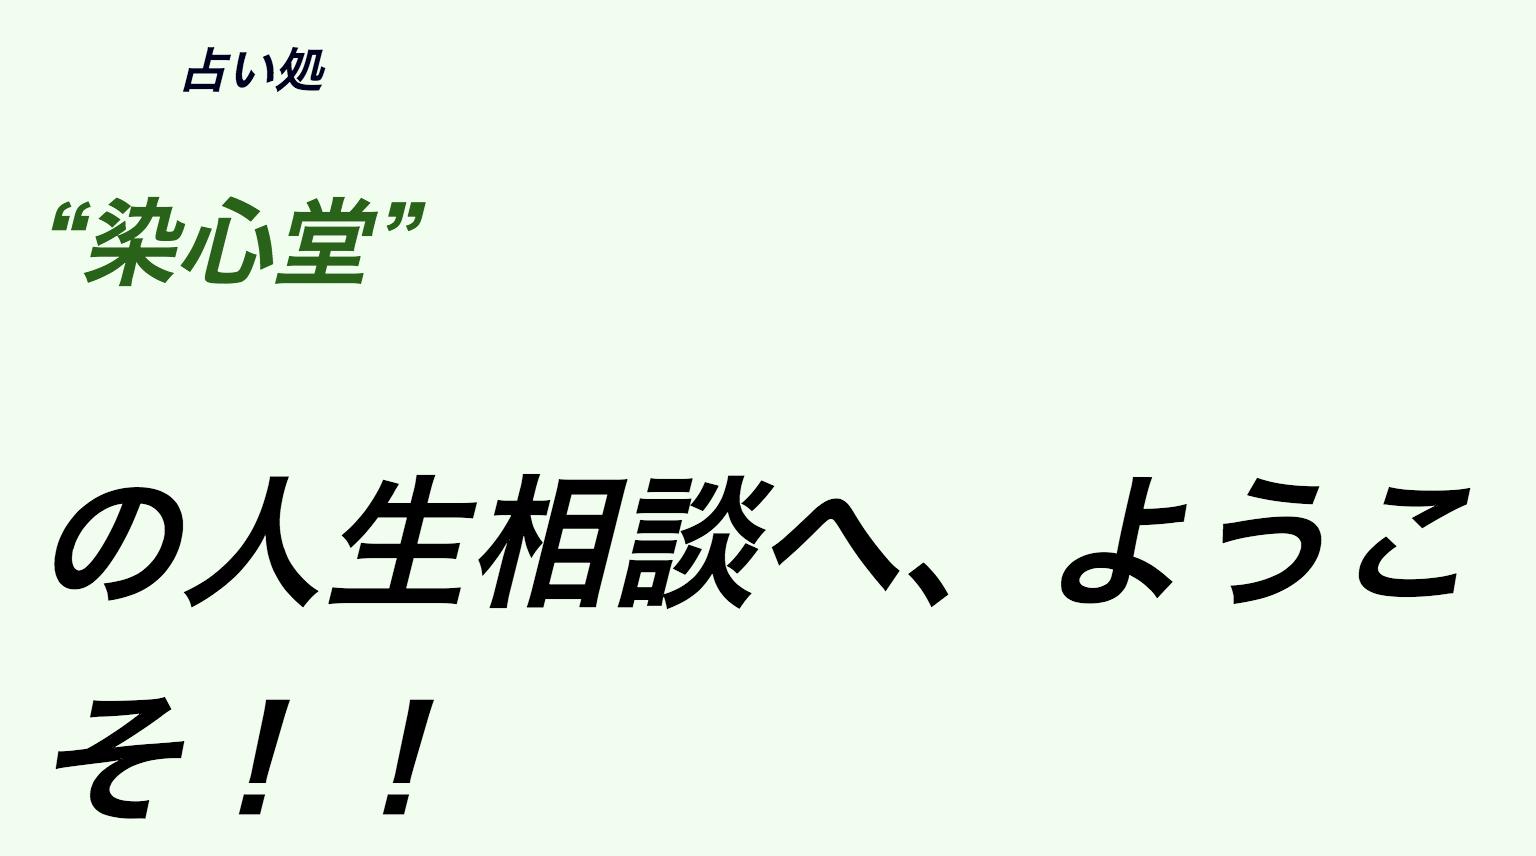 染心堂の公式ホームページ